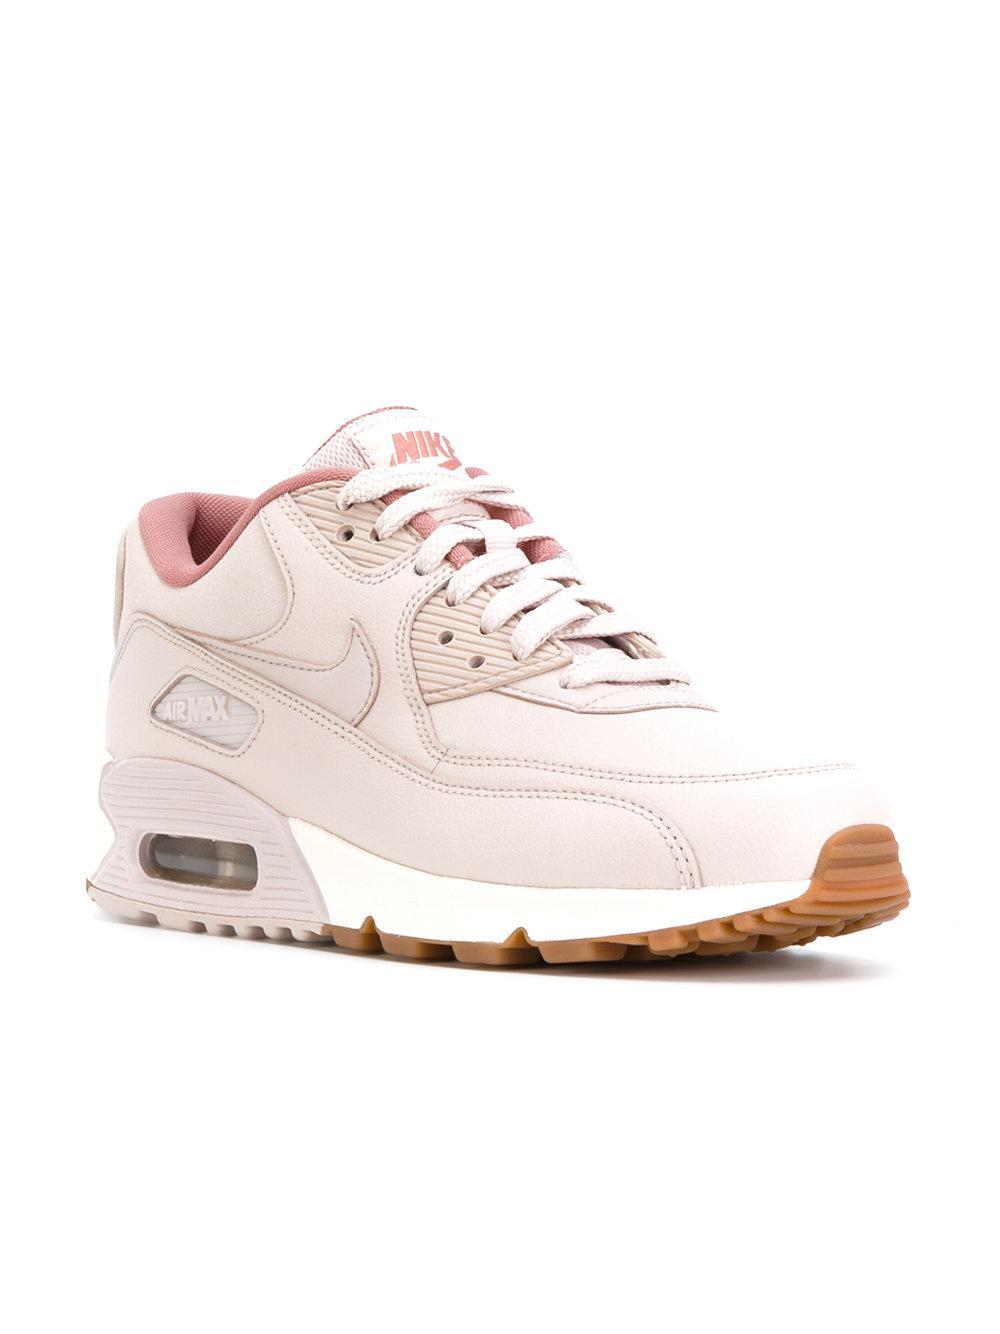 Air Max 90 Lea Sneakers